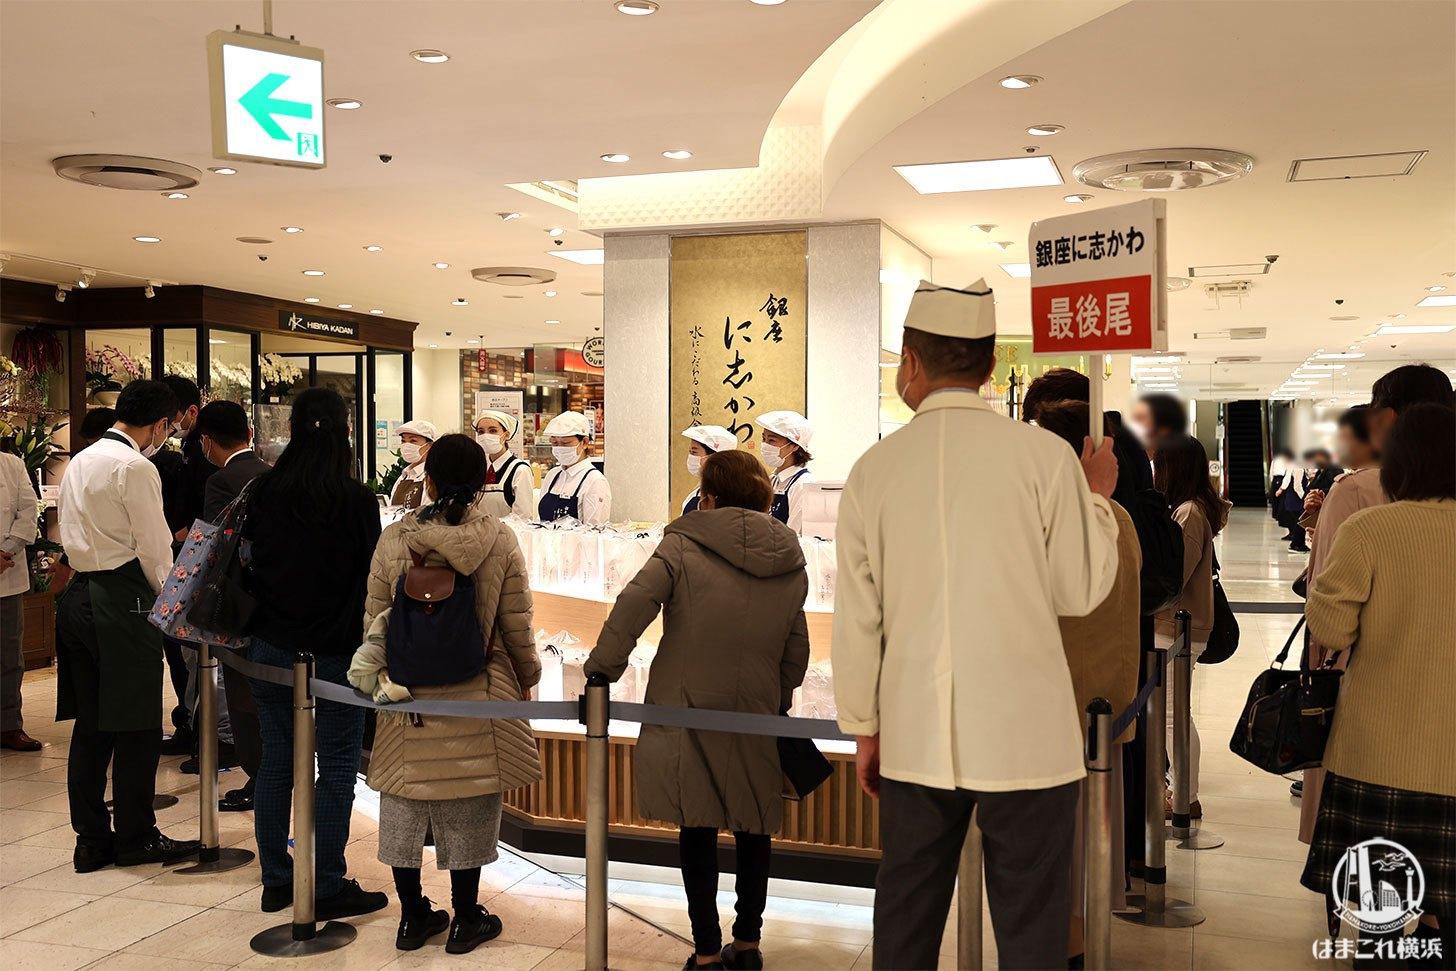 常設の「銀座 に志かわ」そごう横浜店に!水にこだわる高級食パン